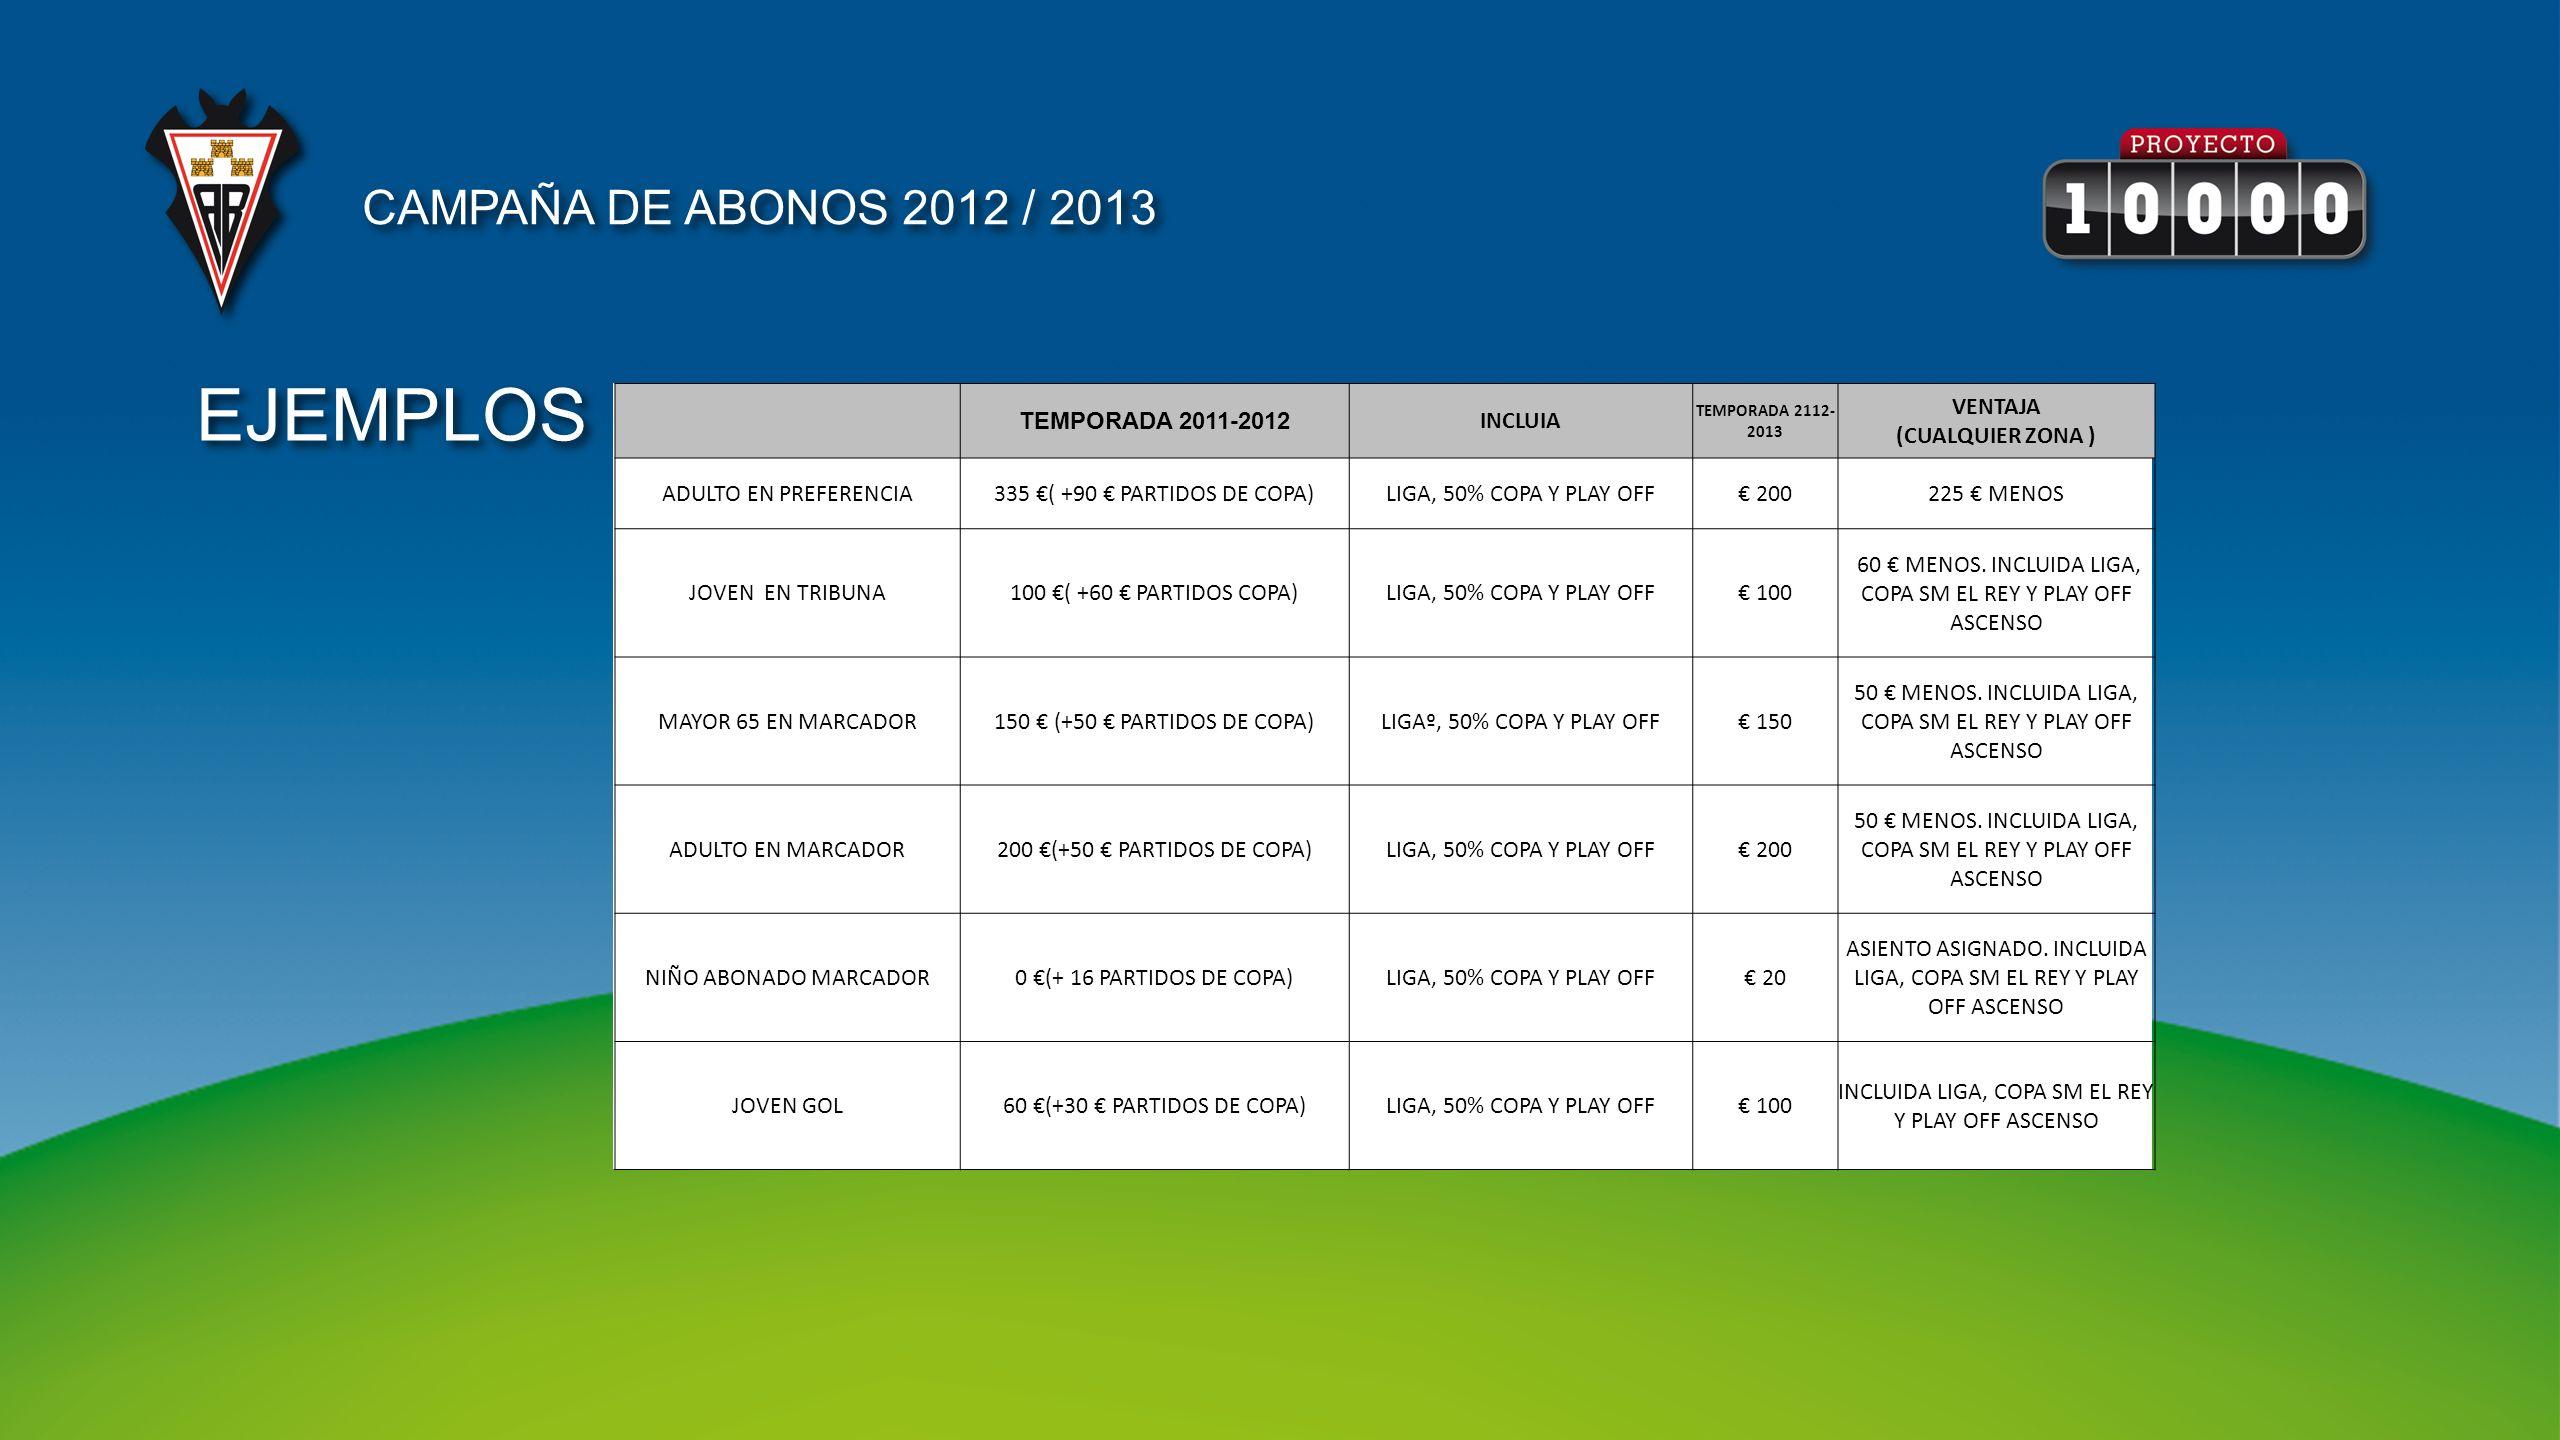 EJEMPLOS CAMPAÑA DE ABONOS 2012 / 2013 TEMPORADA 2011-2012 INCLUIA